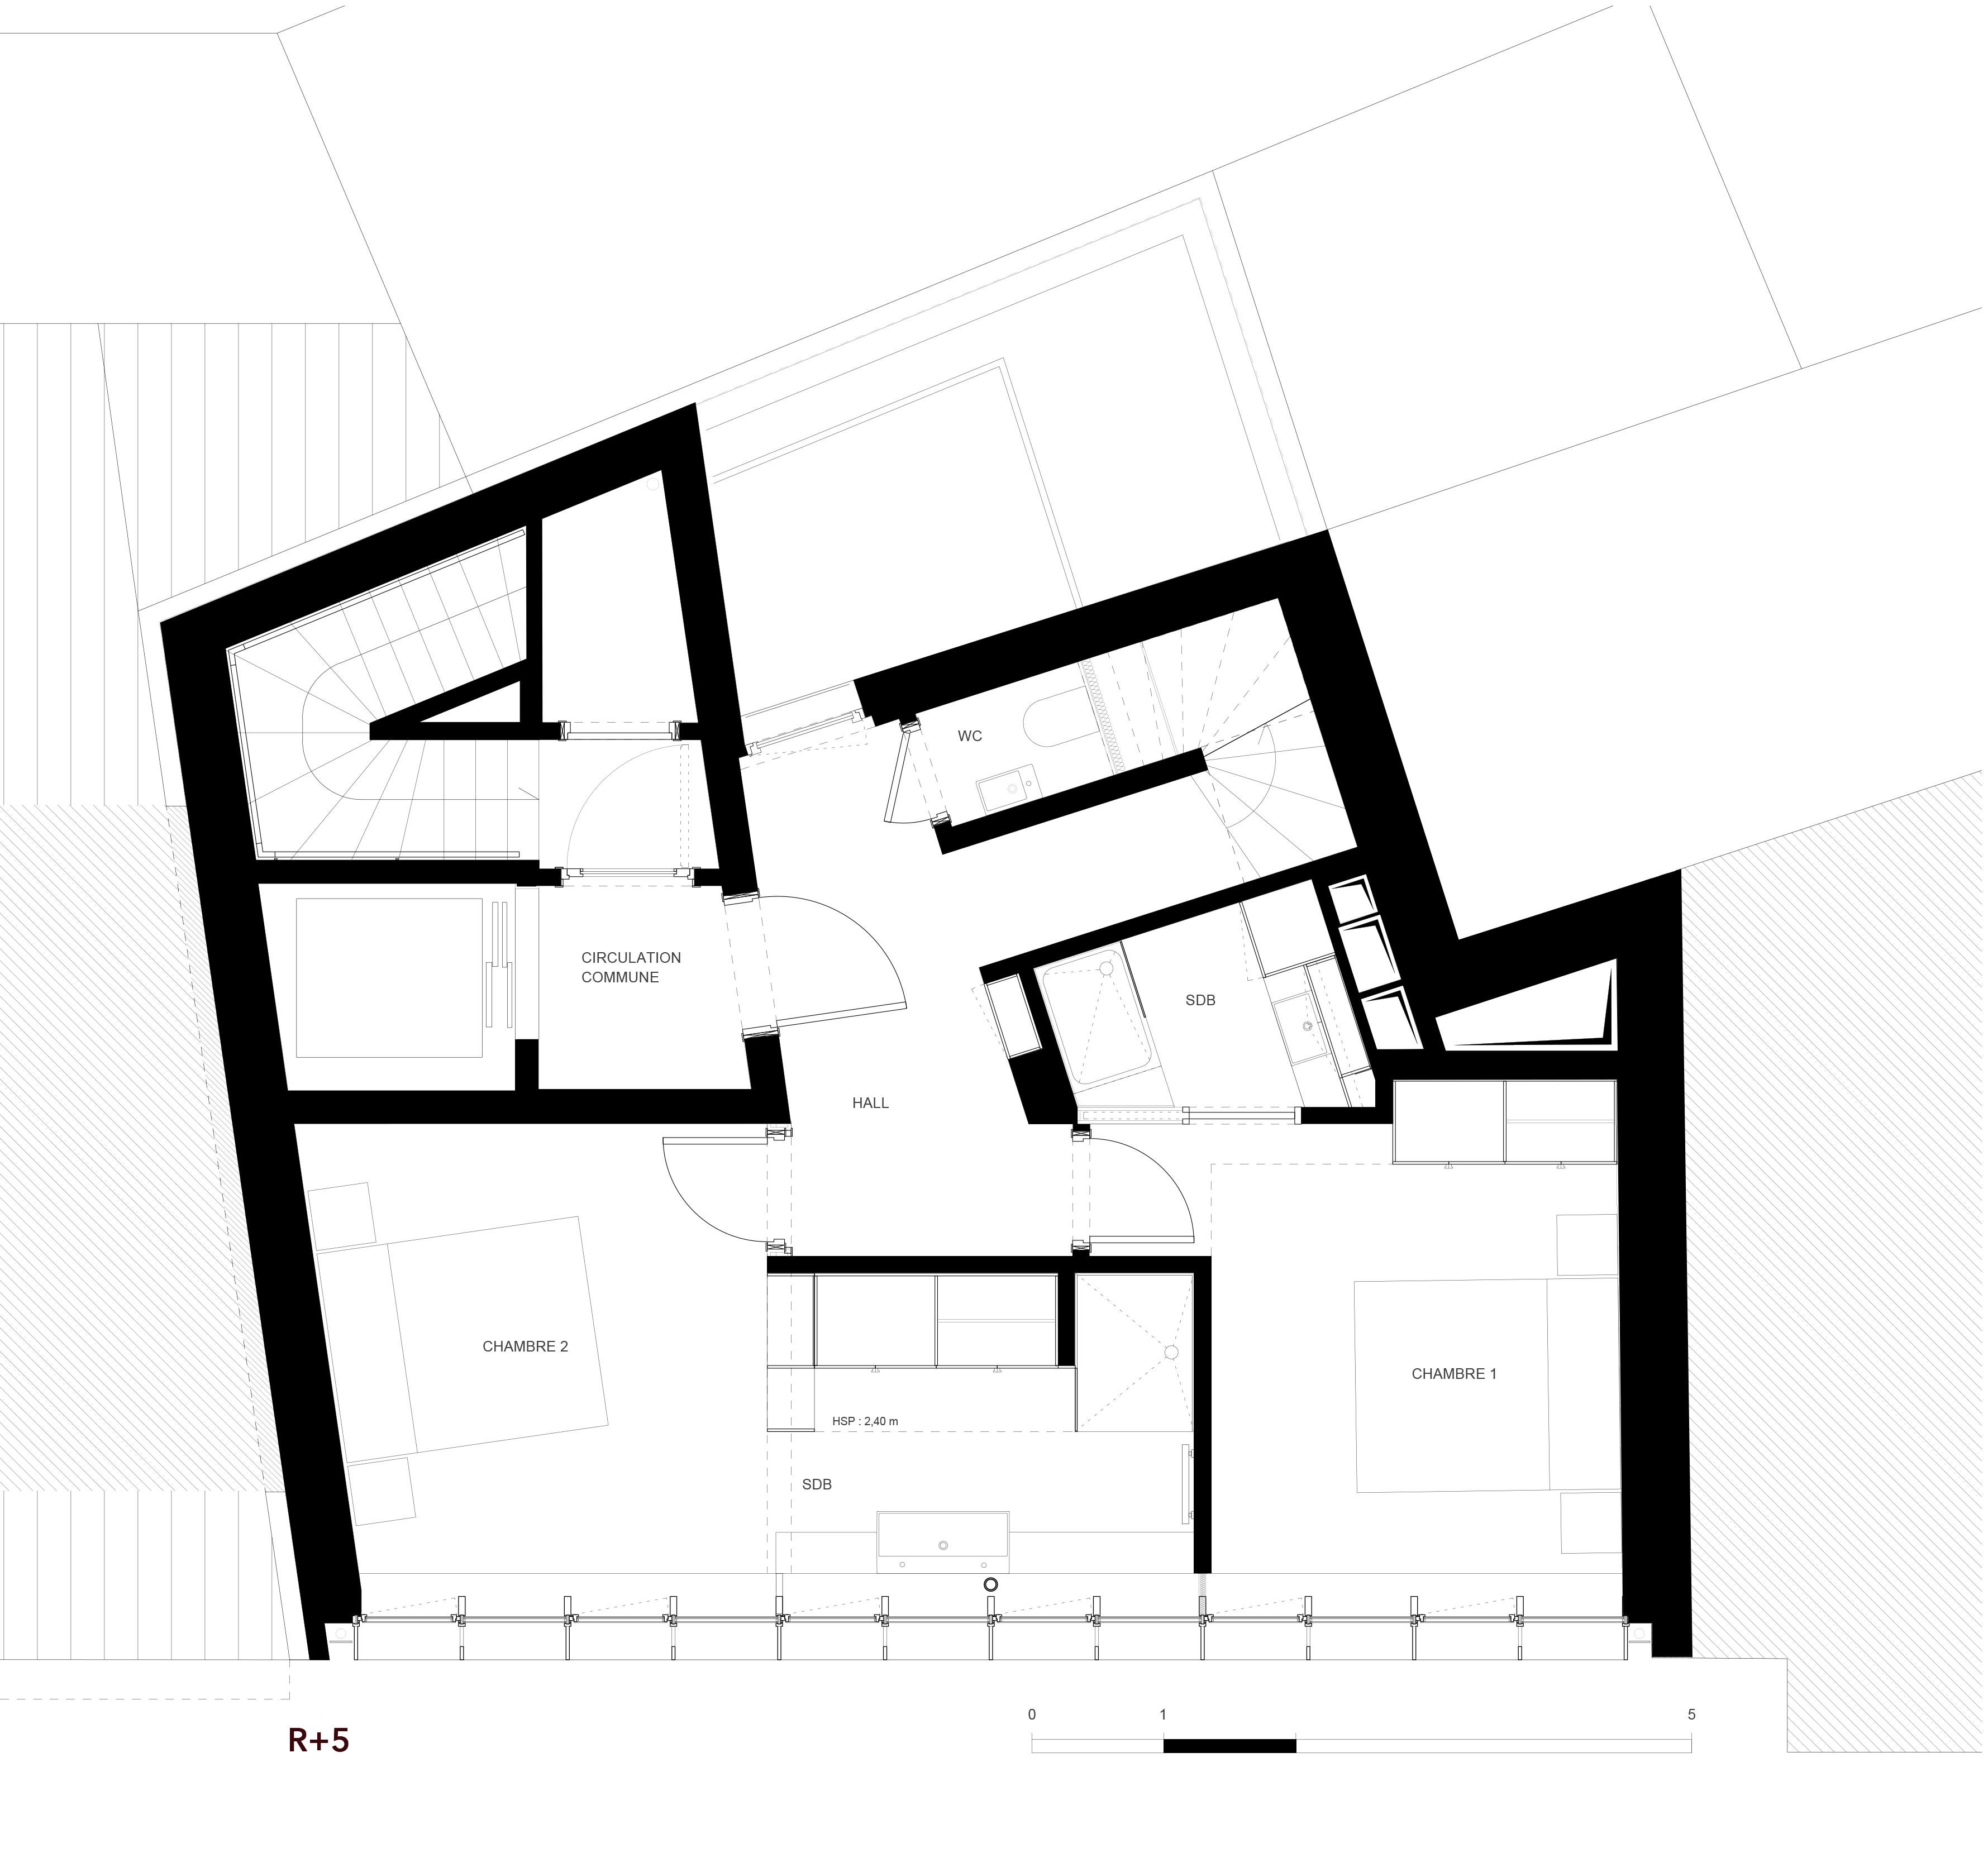 AVW_Quai-du-Hainaut_Plan-R+5